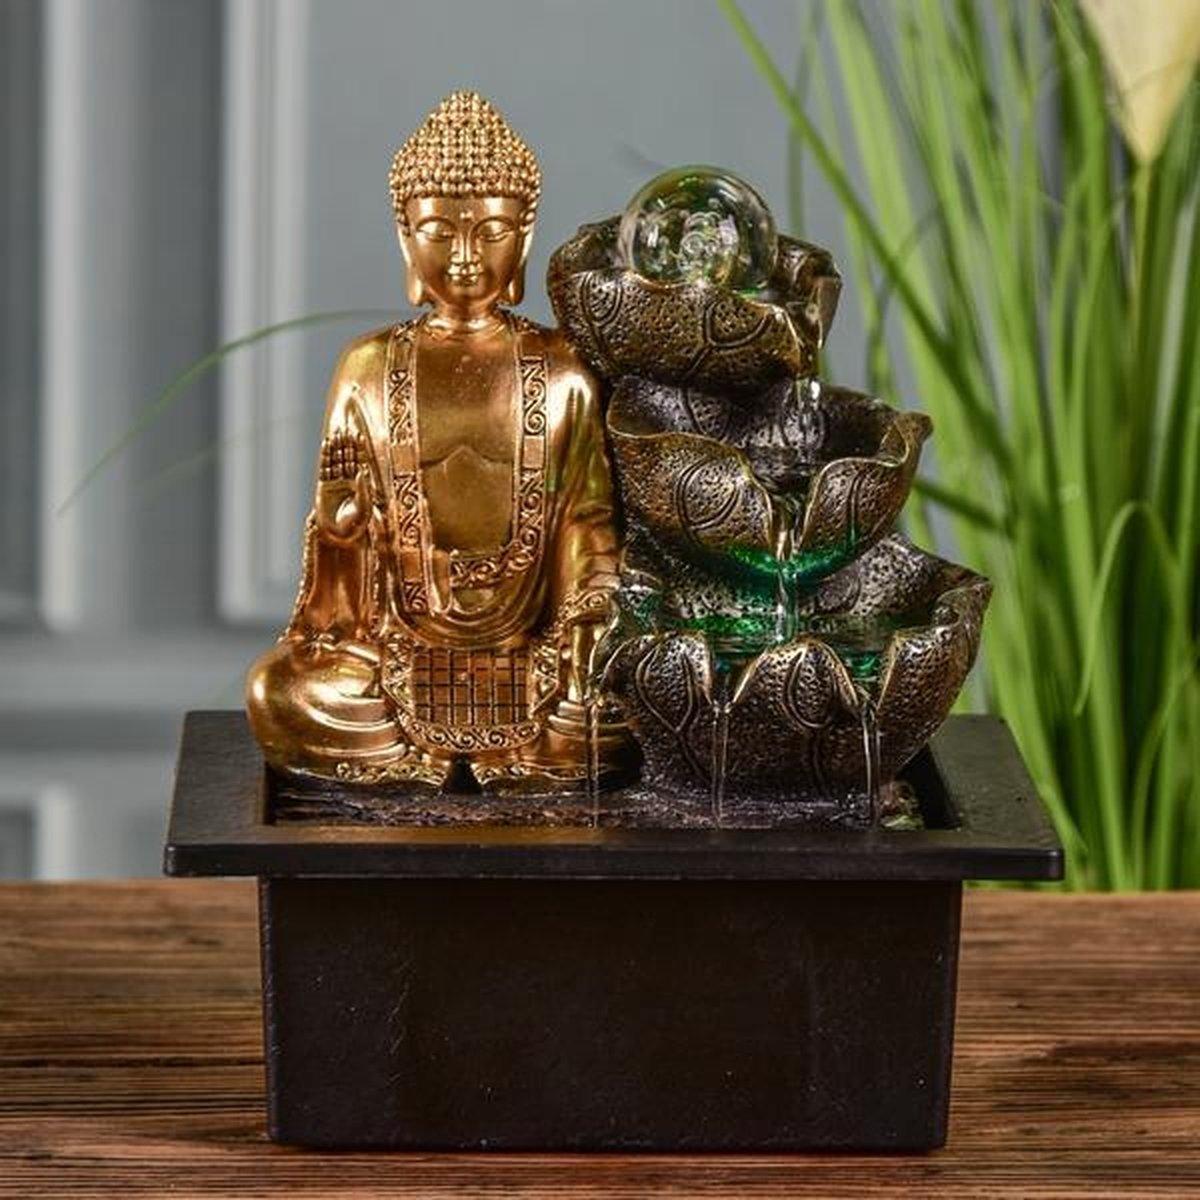 Boeddha Arya Relax - fontein - interieur - fontein voor binnen - relaxeer - zen - waterornament - cadeau - geschenk - relatiegeschenk - origineel - lente - zomer - lentecollectie - zomercollectie - afkoeling - koelte